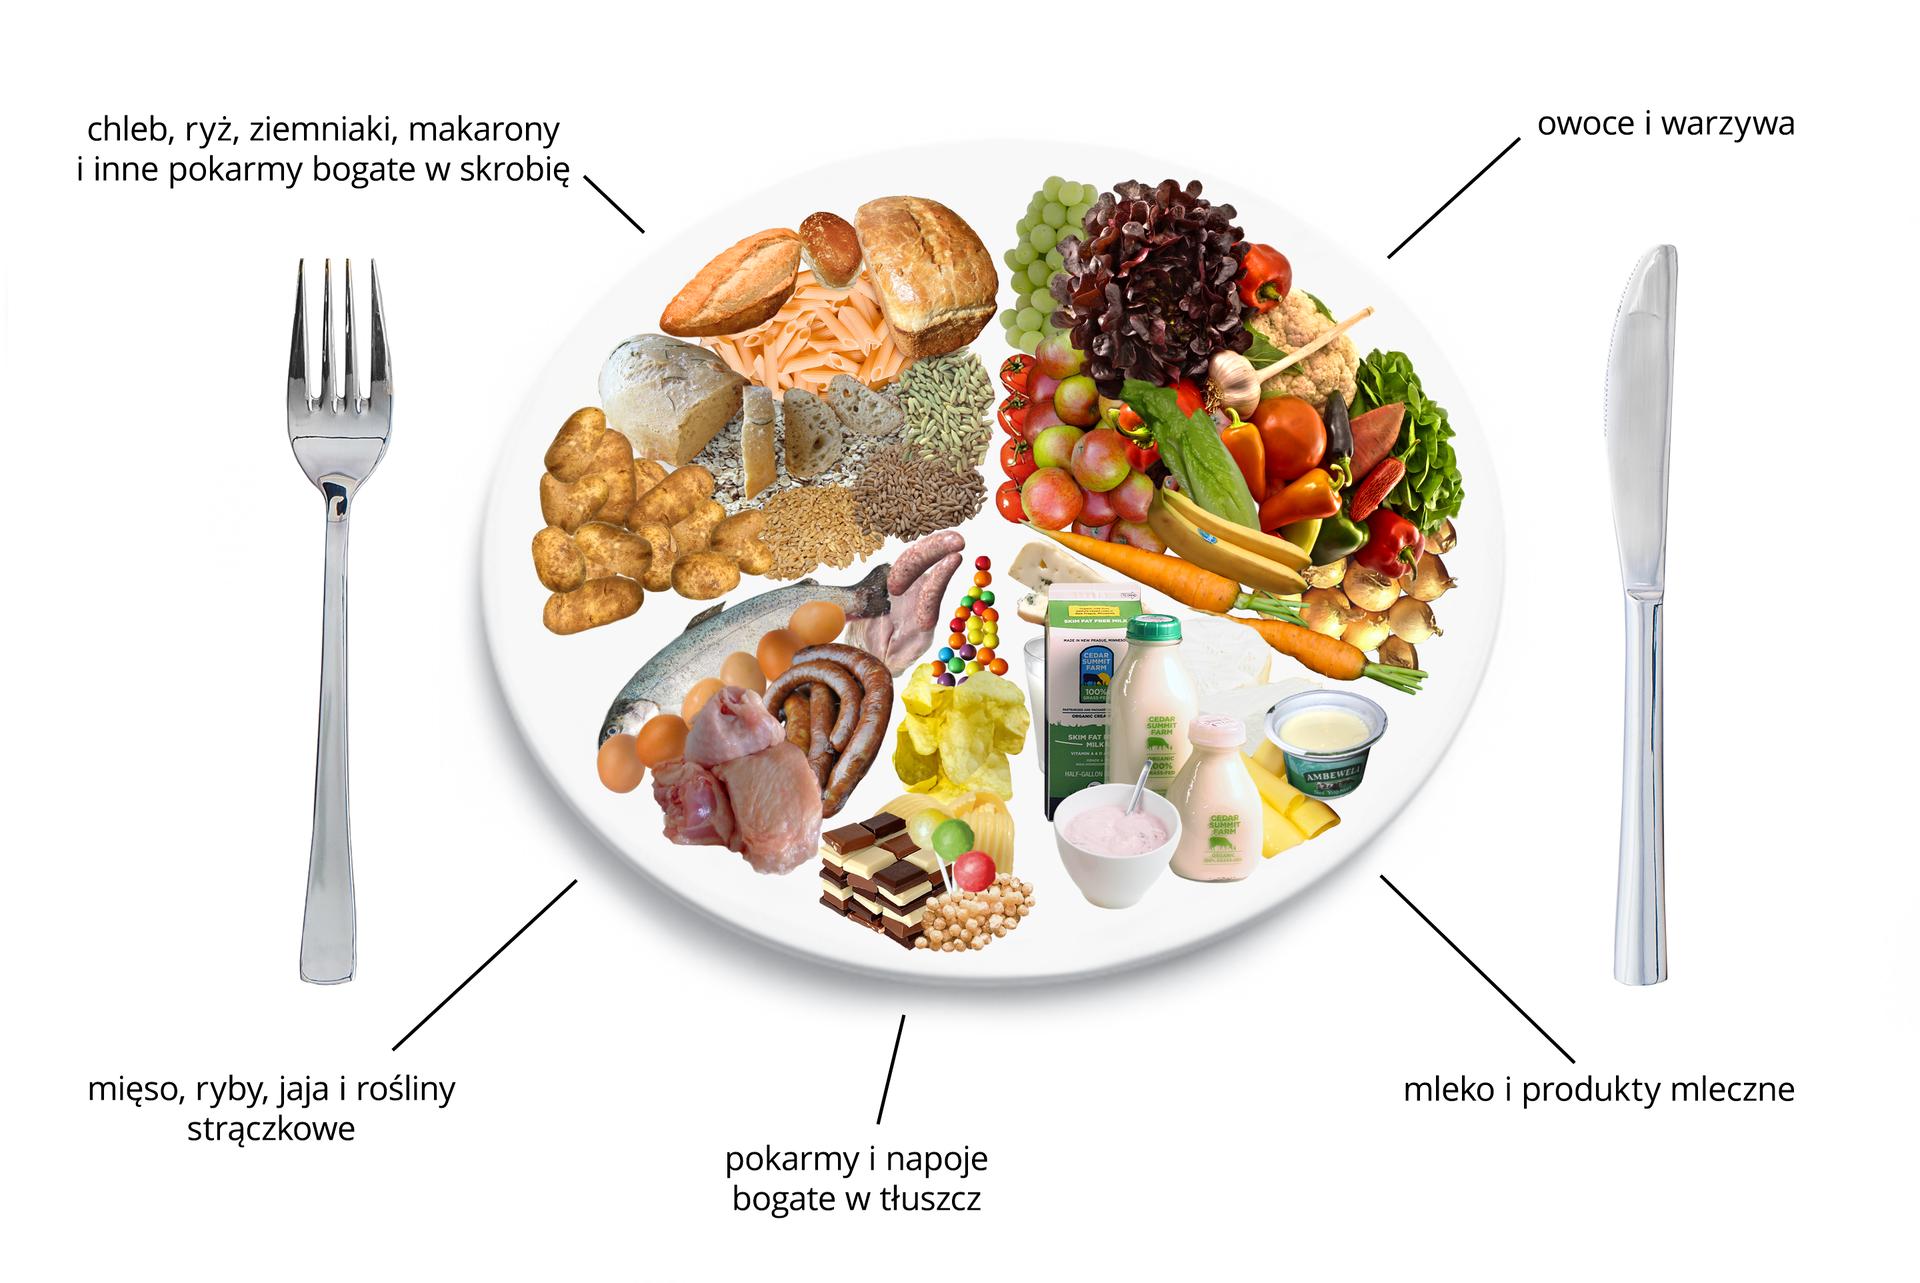 Schemat przedstawiający talerz zdrowego żywienia zróżnymi produktami żywnościowymi. Talerz podzielono na pięć nierównych części, odzwierciedlających proporcje pokarmów, jakie powinny wchodzić wskład naszej diety. Największą część talerza stanowią: zboża, chleb, ziemniaki ipokarmy bogate wskrobię. Następna równie duża część, to owoce iwarzywa. Kolejna mniejsza niż ćwiartka talerza to, nabiał. Następna mięso, ryby, jaja irośliny strączkowe. Najmniejsza cześć talerza, to pokarmy inapoje bogate wtłuszcz.